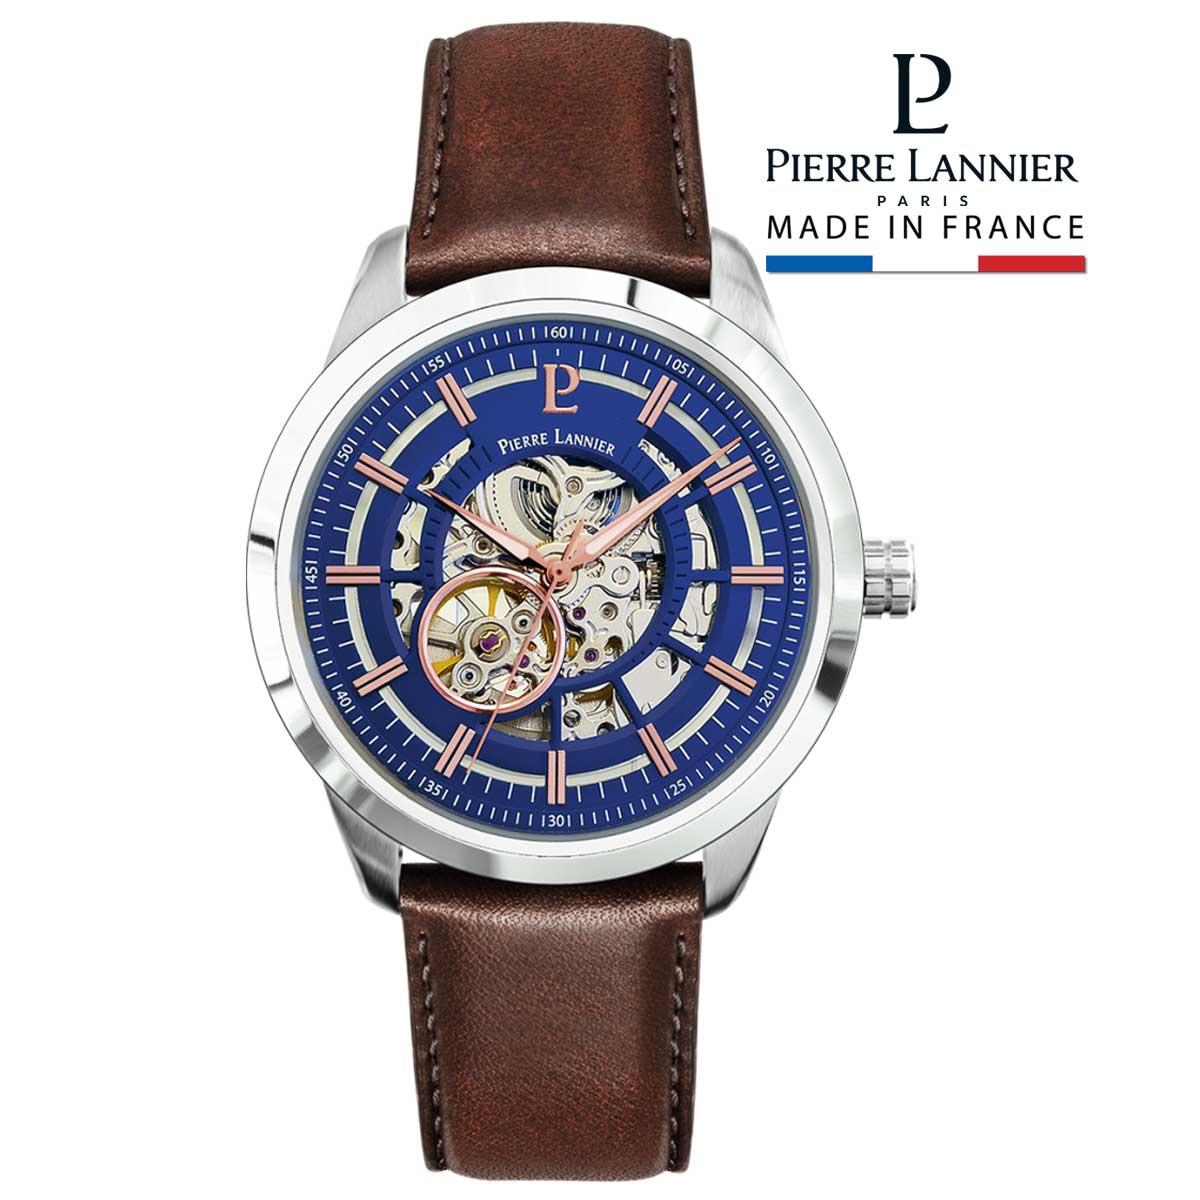 腕時計 メンズ ブランド ピエールラニエ オートマティック コレクション レザーベルト ブラウン 牛革 スケルトン ネイビー  機械式 自動巻き フランス おしゃれ 防水<BR>p329f164 プレゼント ギフト 父の日 お祝い